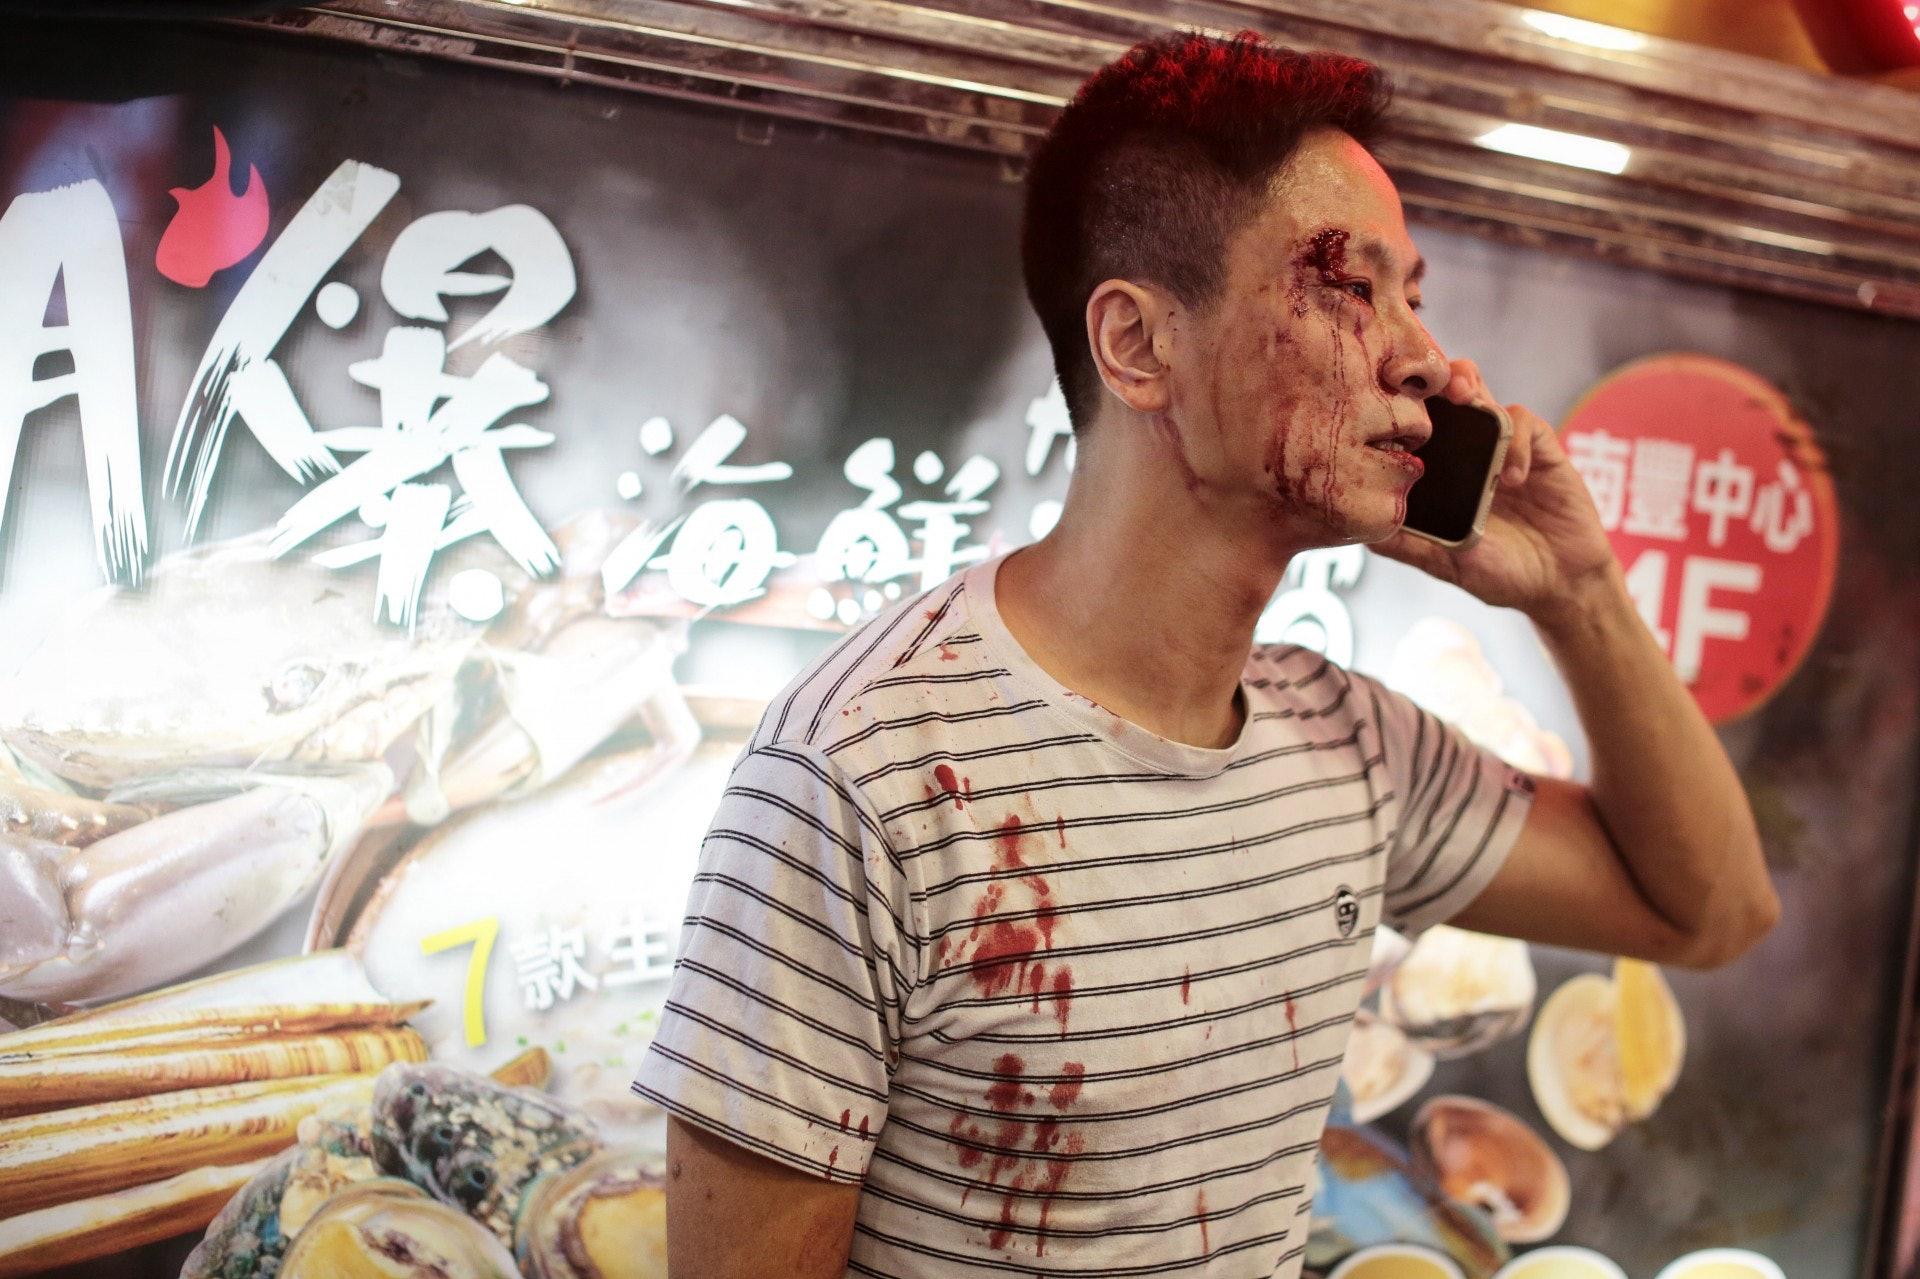 一名男子右眼角流血,血流披面。(李澤彤攝)